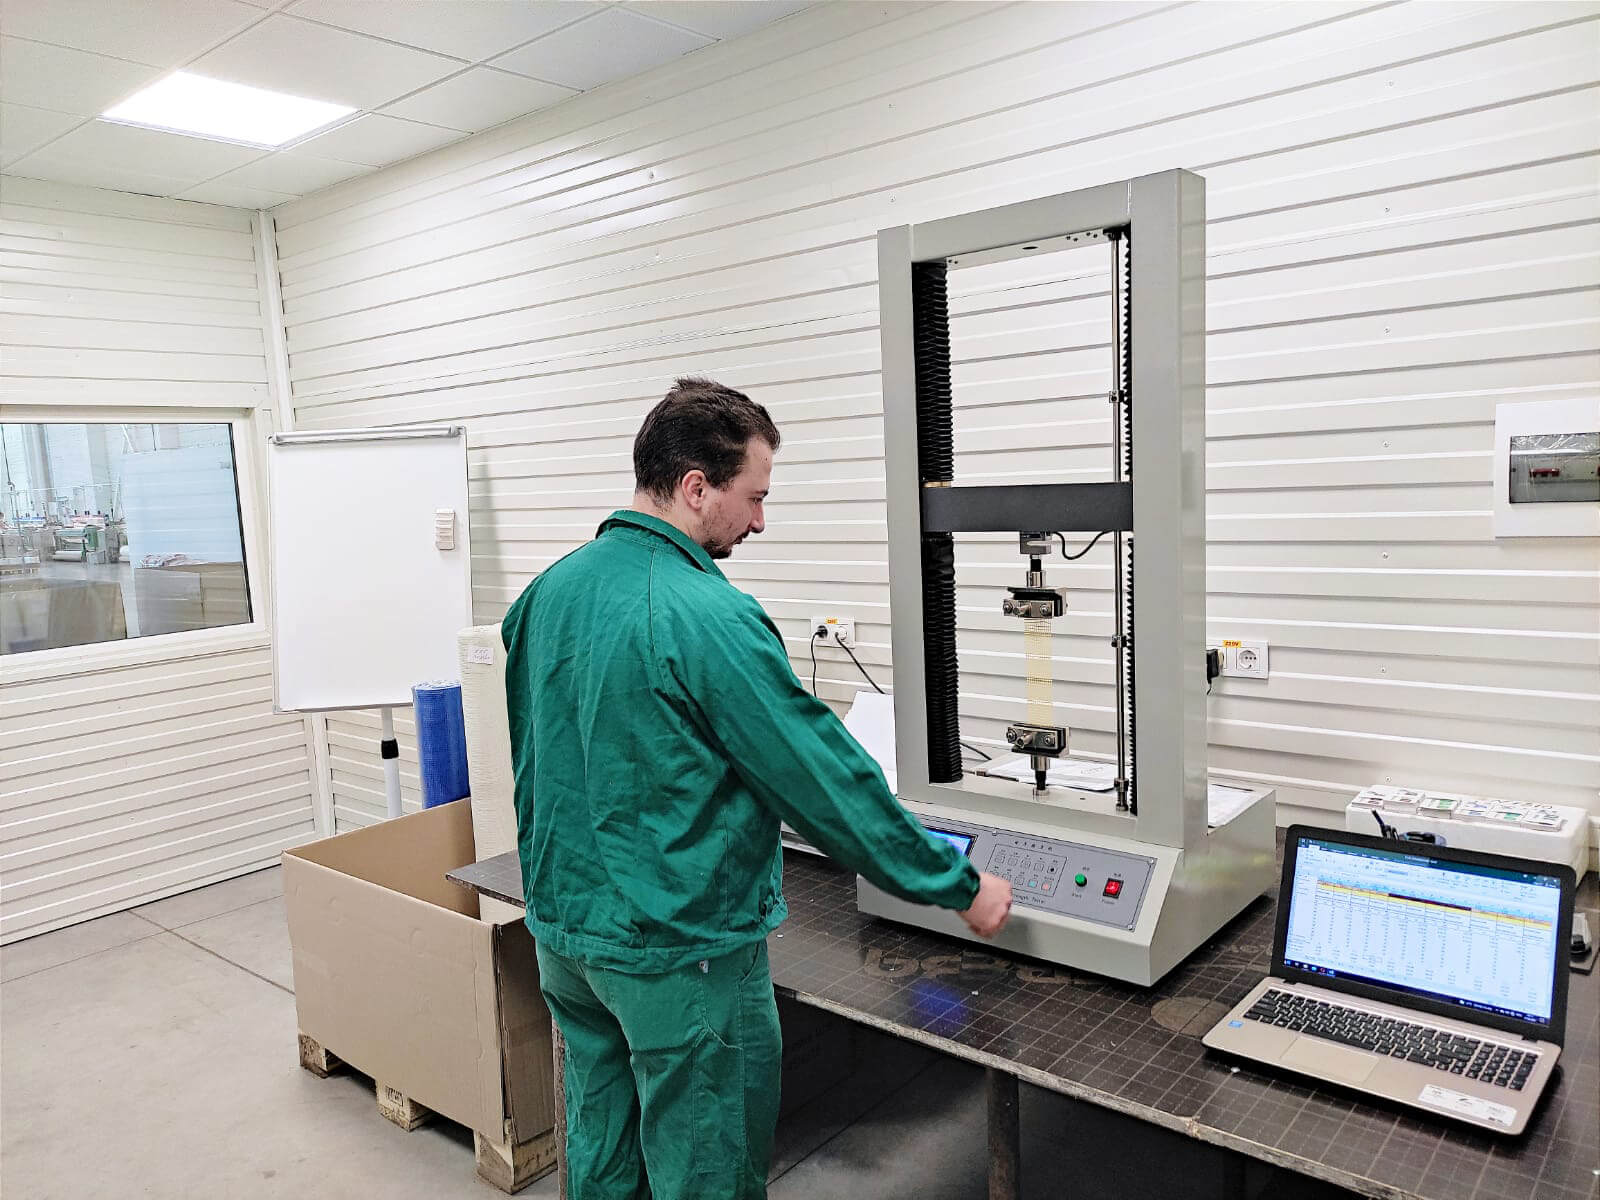 laborator plasă din fibră de sticlă alphaterm